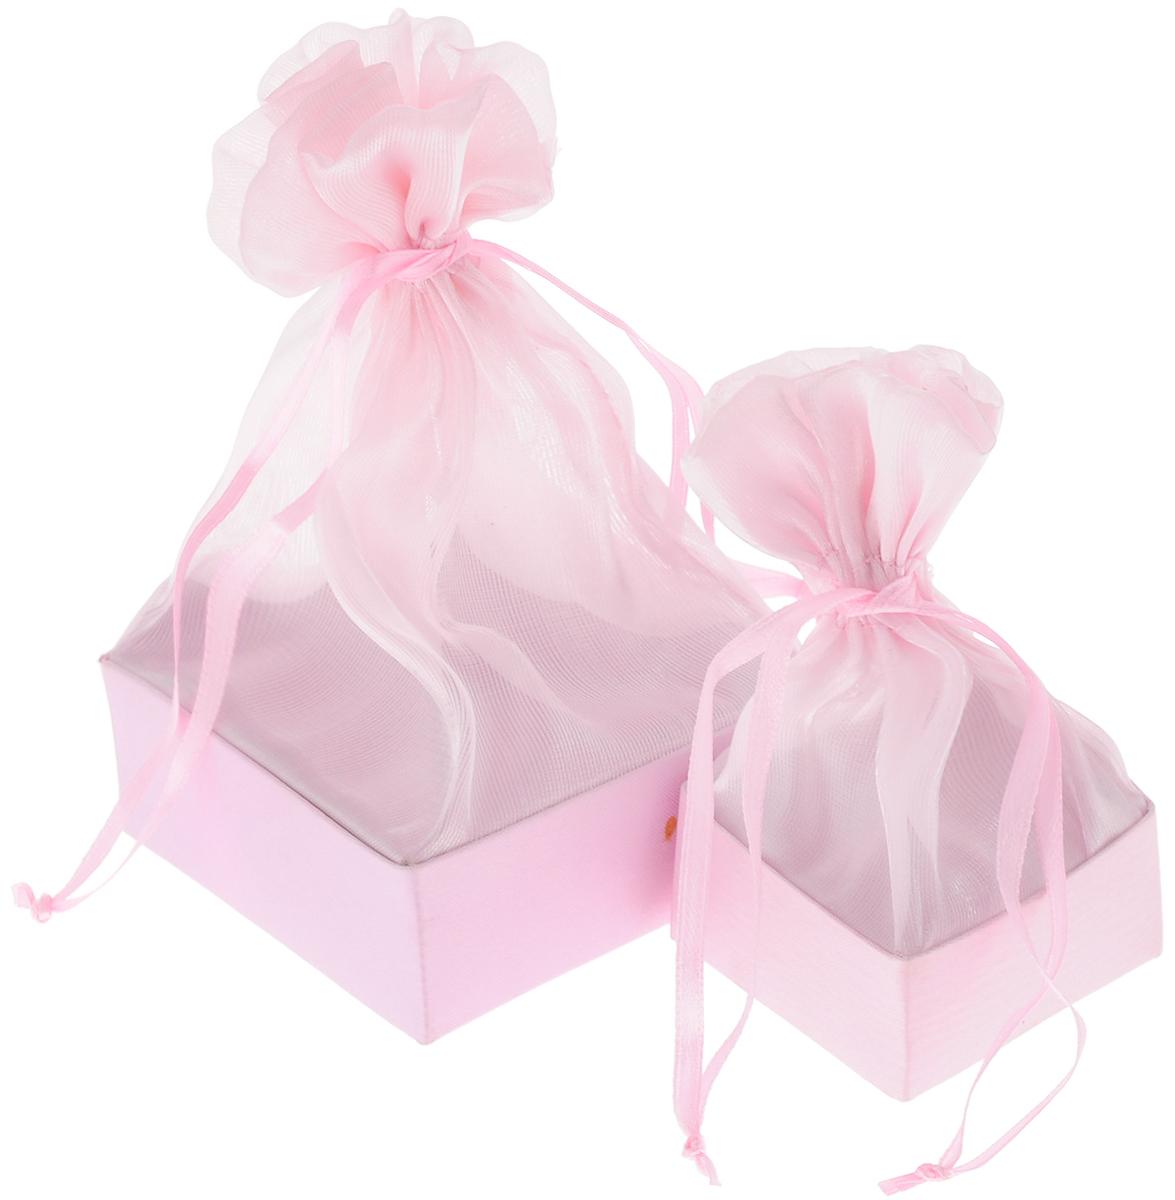 Набор подарочных коробок Piovaccari Тиффани, цвет: розовый, 2 шт1898P 03Набор Piovaccari Тиффани состоит из двух подарочных коробок разного размера. Коробки выполнены в виде мешочков, которые затягиваются и завязываются лентой. Основание коробок изготовлено из твердого картона и обтянуто органзой. Набор Piovaccari Тиффани станет одним из самых оригинальных вариантов упаковки для подарка. Яркий дизайн будет долго напоминать владельцу о трогательных моментах получения подарка. Размер большой коробки: 7,5 х 7,5 х 16 см. Размер малой коробки: 5 х 5 х 11 см.